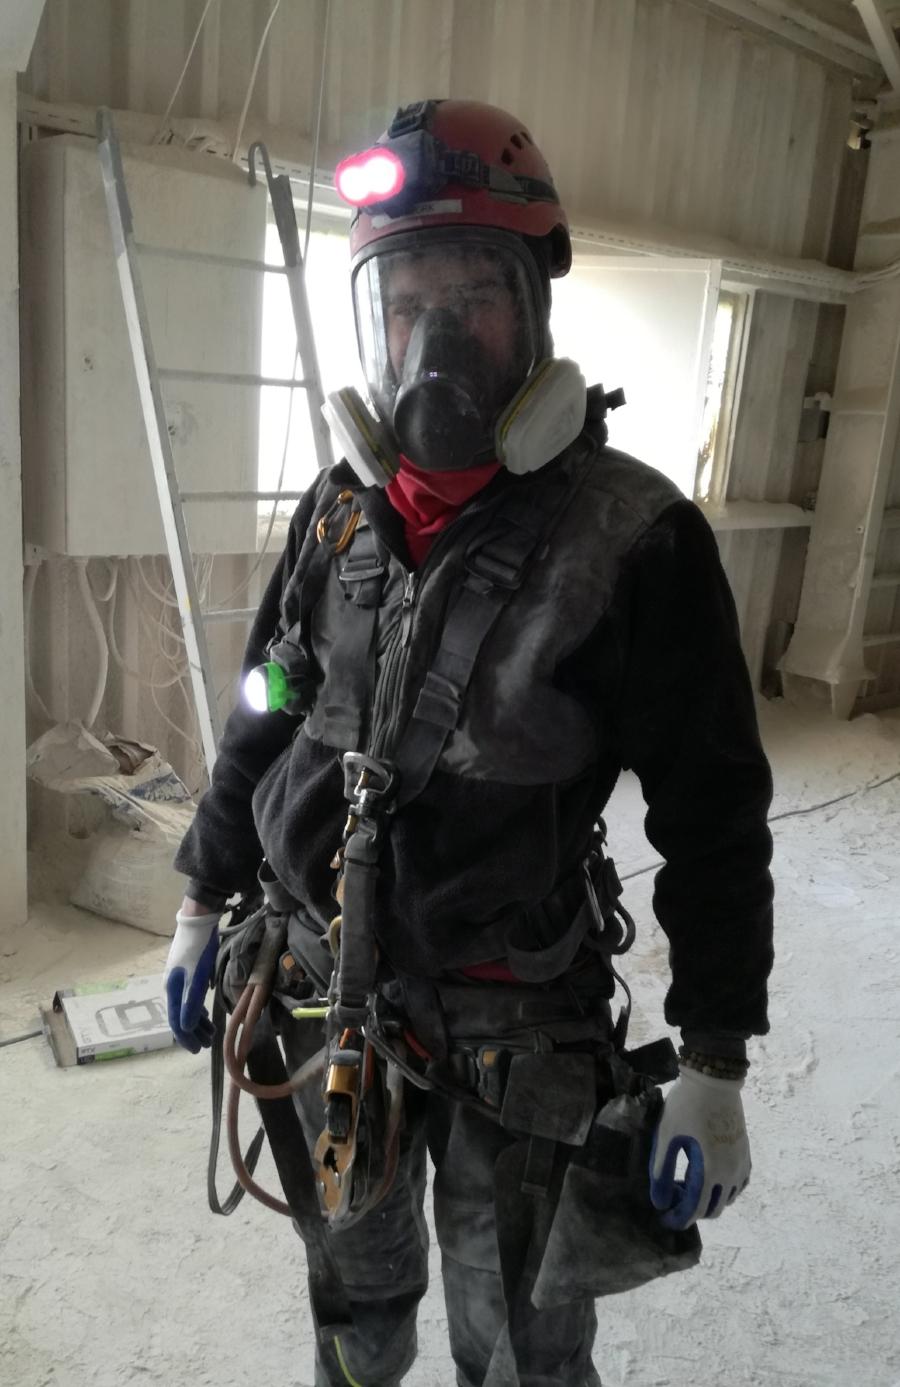 Czyszczenie zbiorników/ Silosów alpiniści przemysłowi